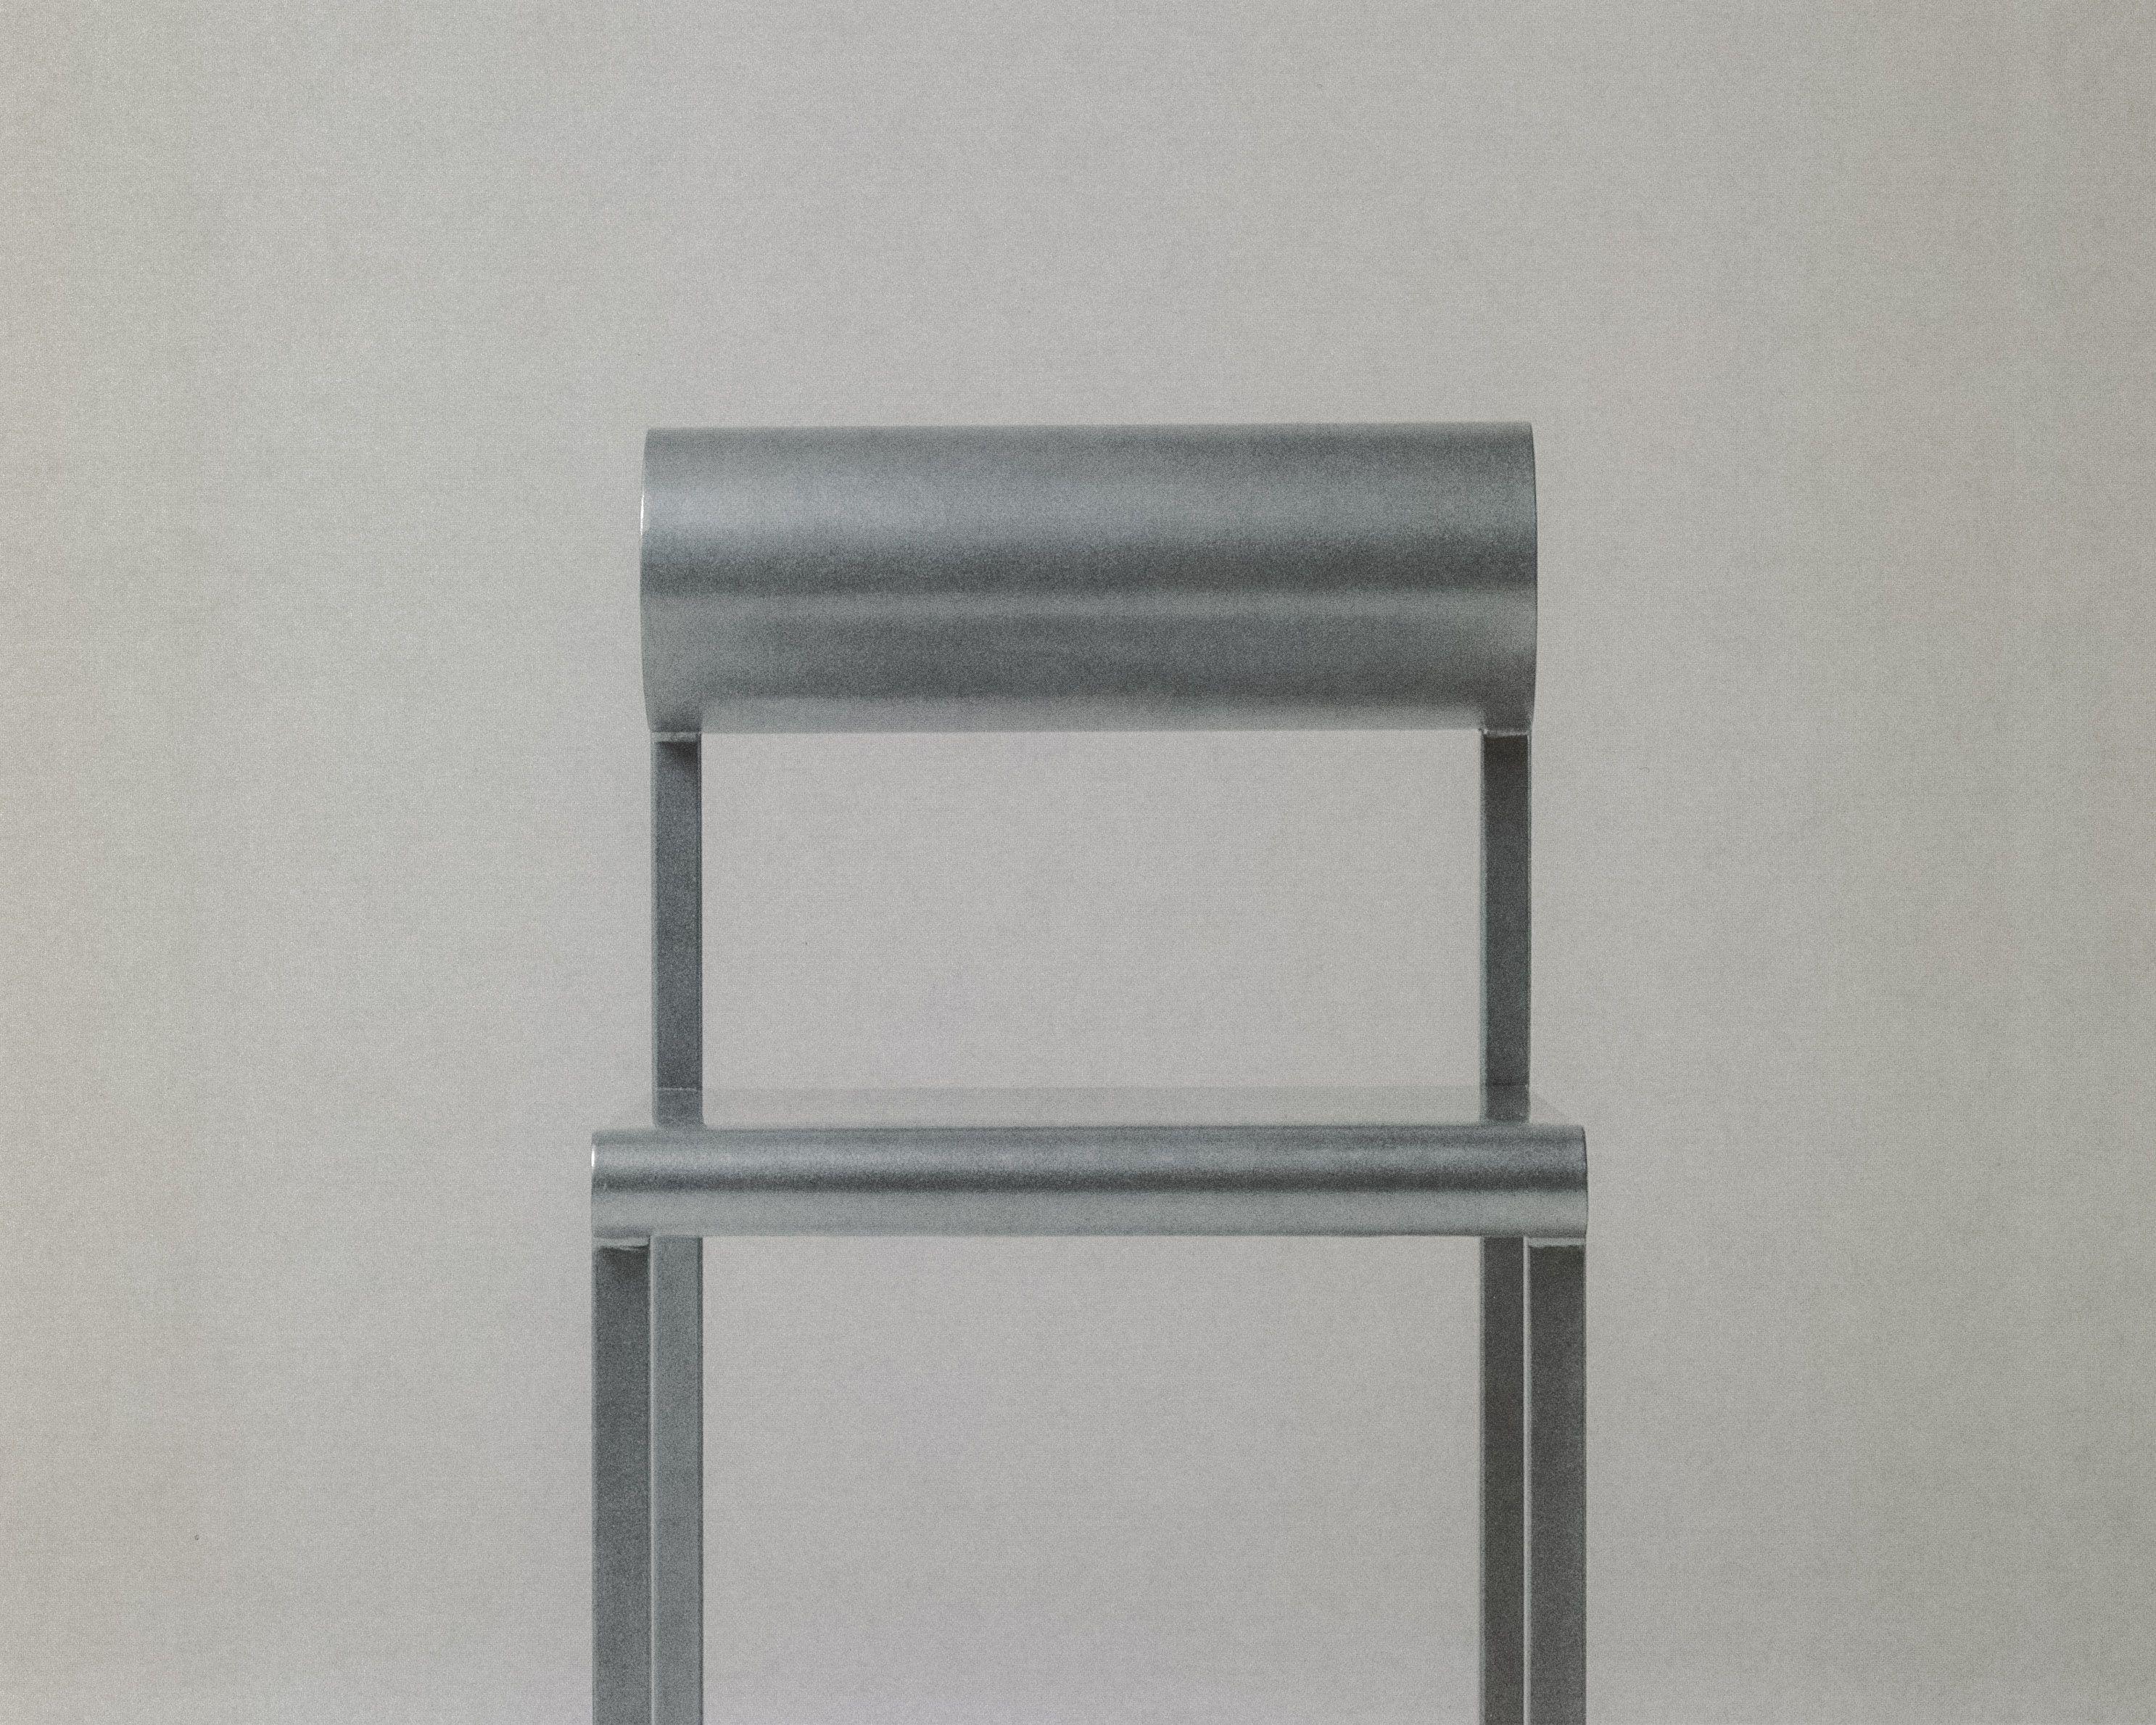 Cylinder Back Steel product image 4